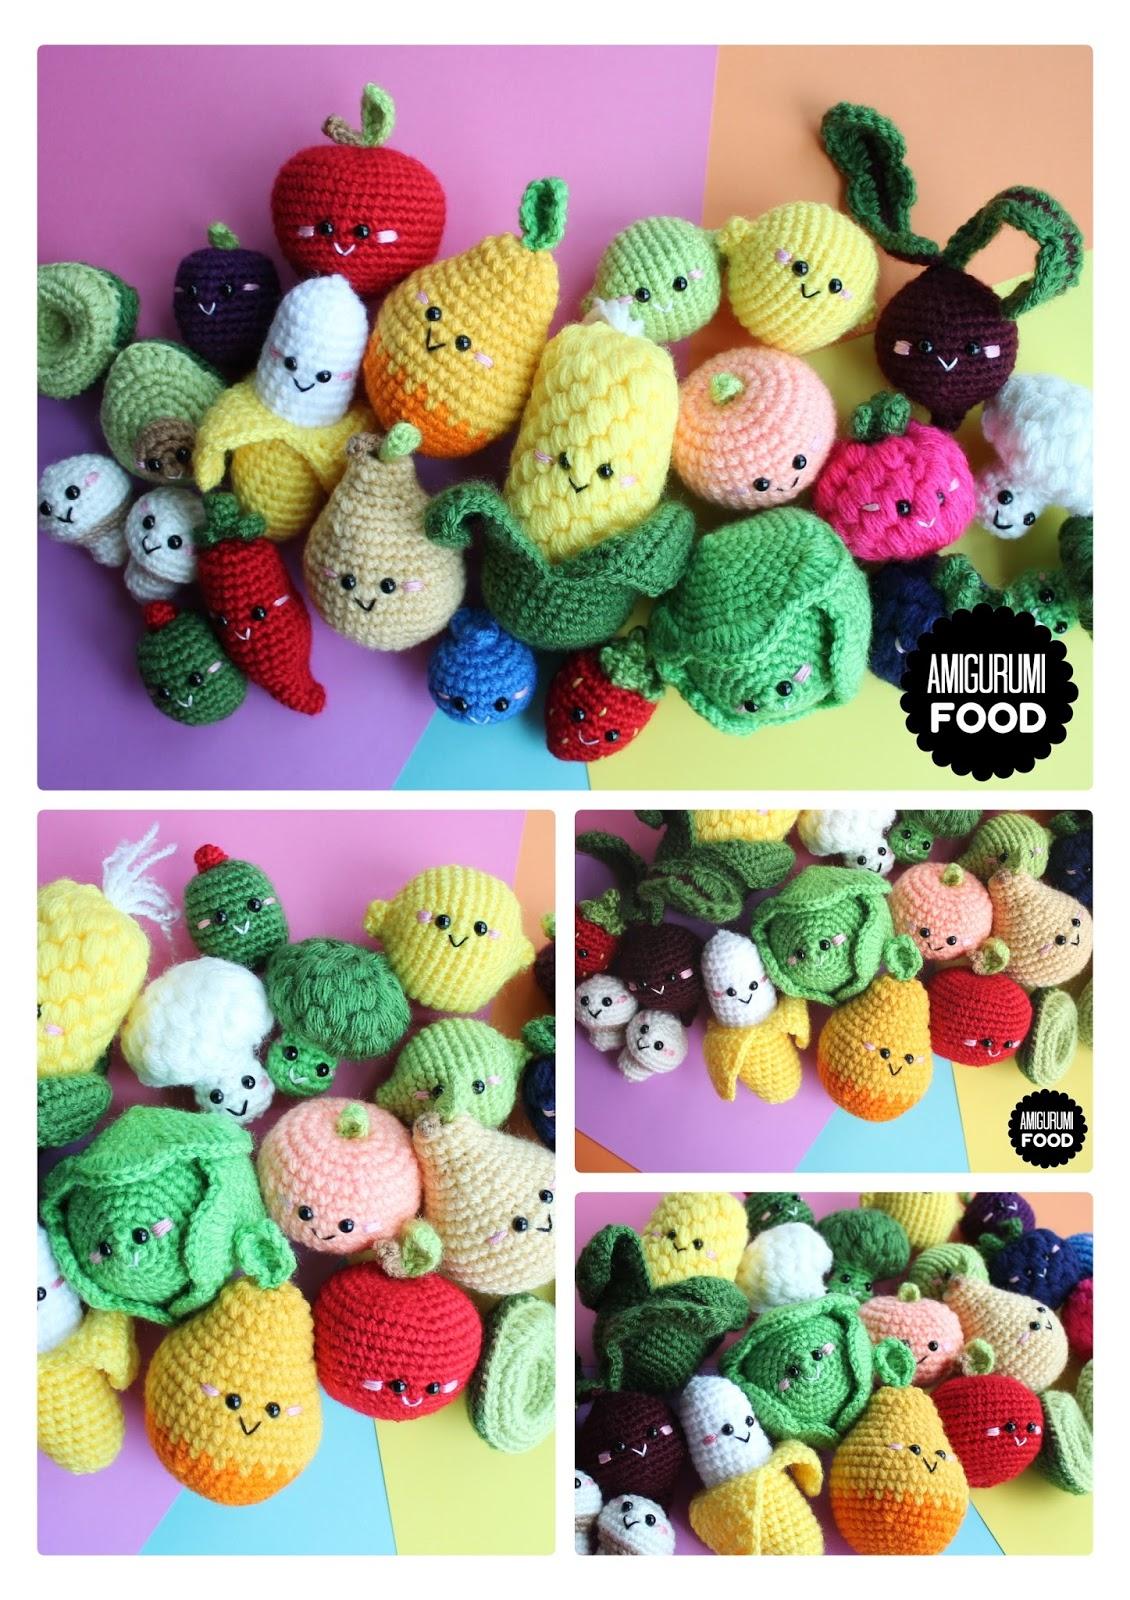 Amigurumi Fruit--Free Crochet Play Food Fruit Pattern, has banana, orange,  apple, kiwi, pear, grapes, lemon, a… | Lebensmittel häkeln, Obst häkeln,  Kostenlos häkeln | 1600x1130